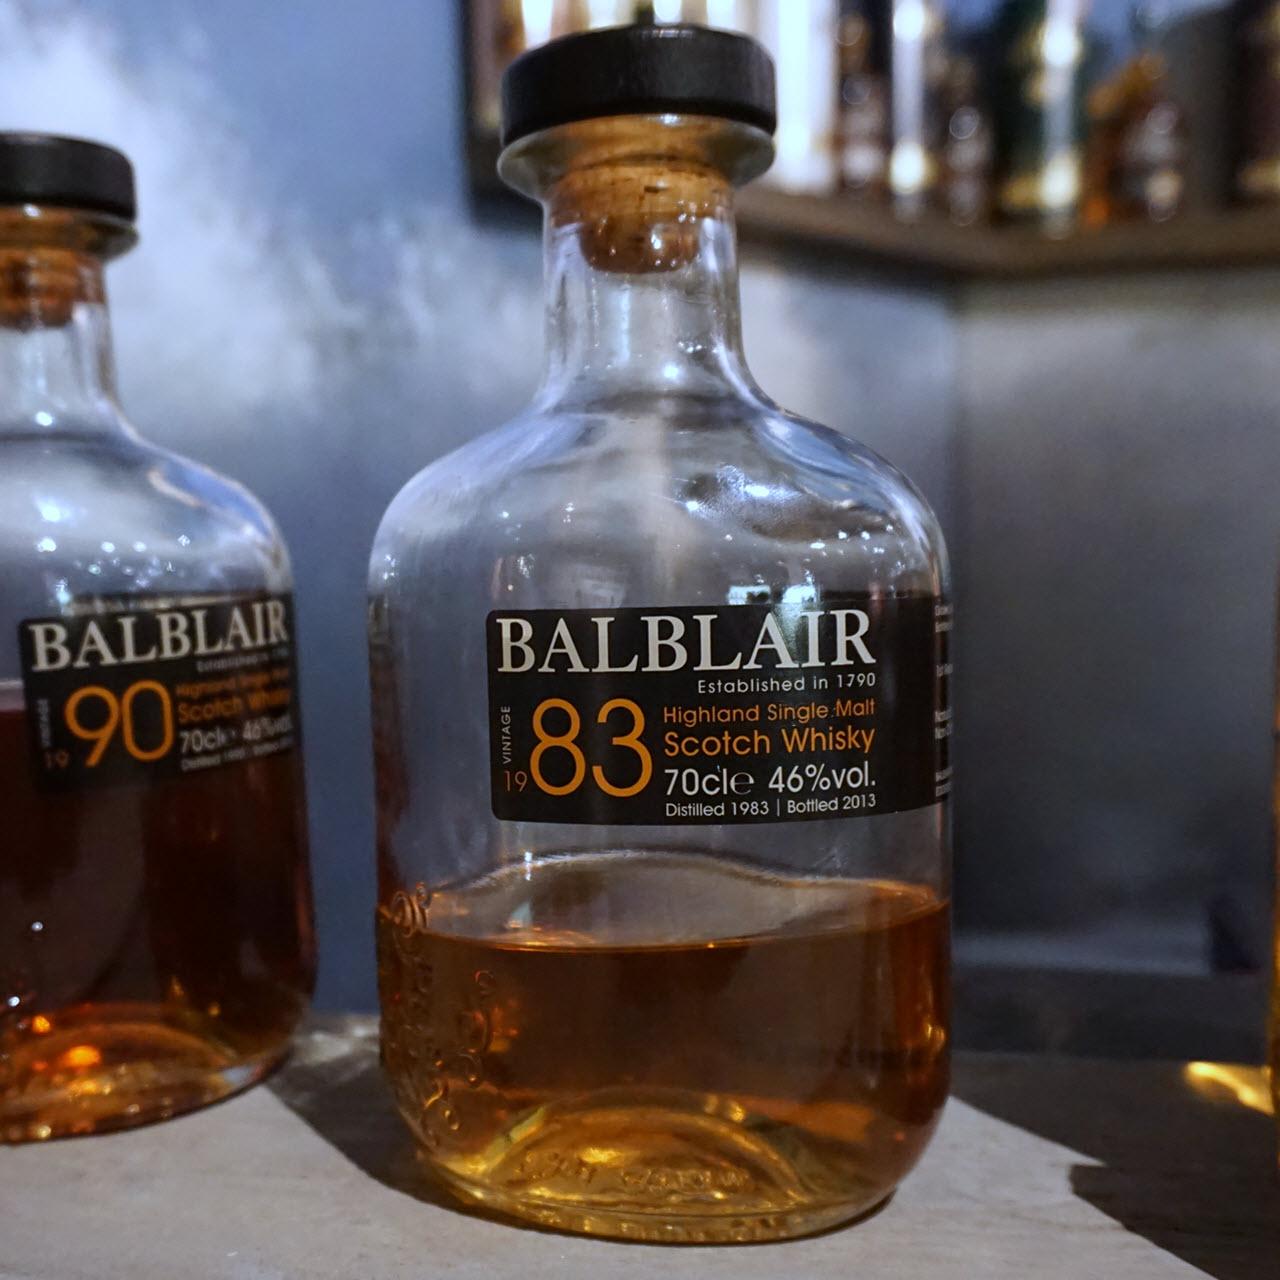 Balblair 1983 - First Release